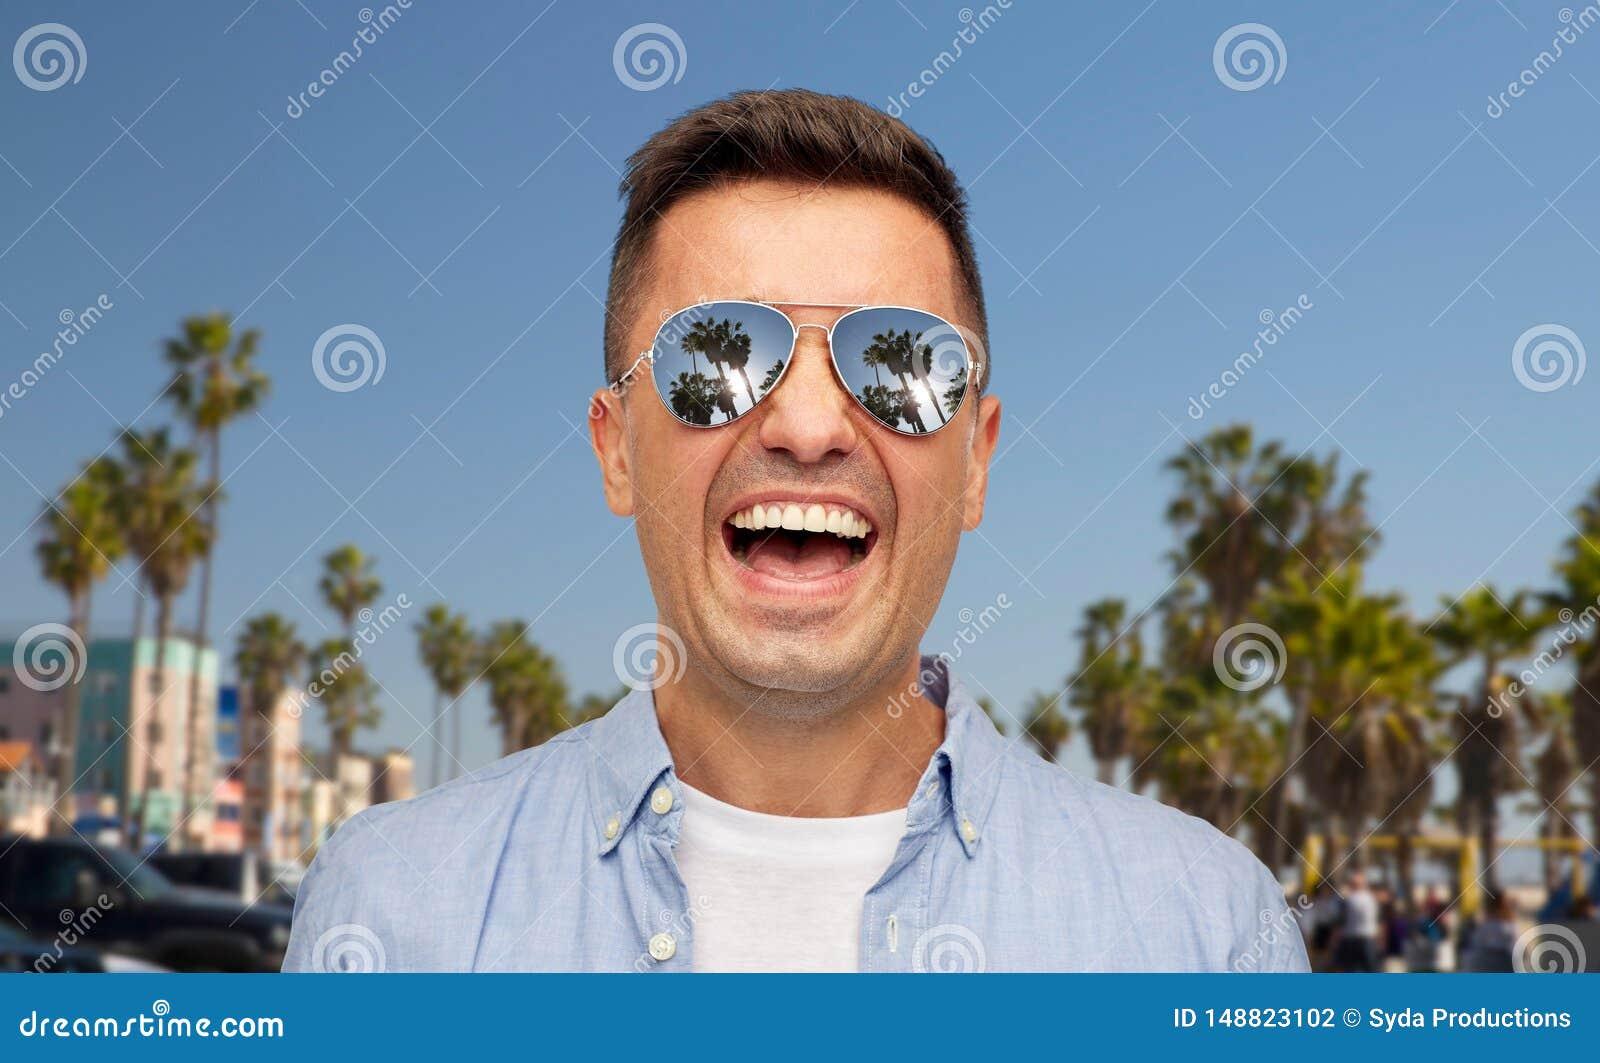 Roze?miany m??czyzna w okularach przeciws?onecznych nad Venice pla??